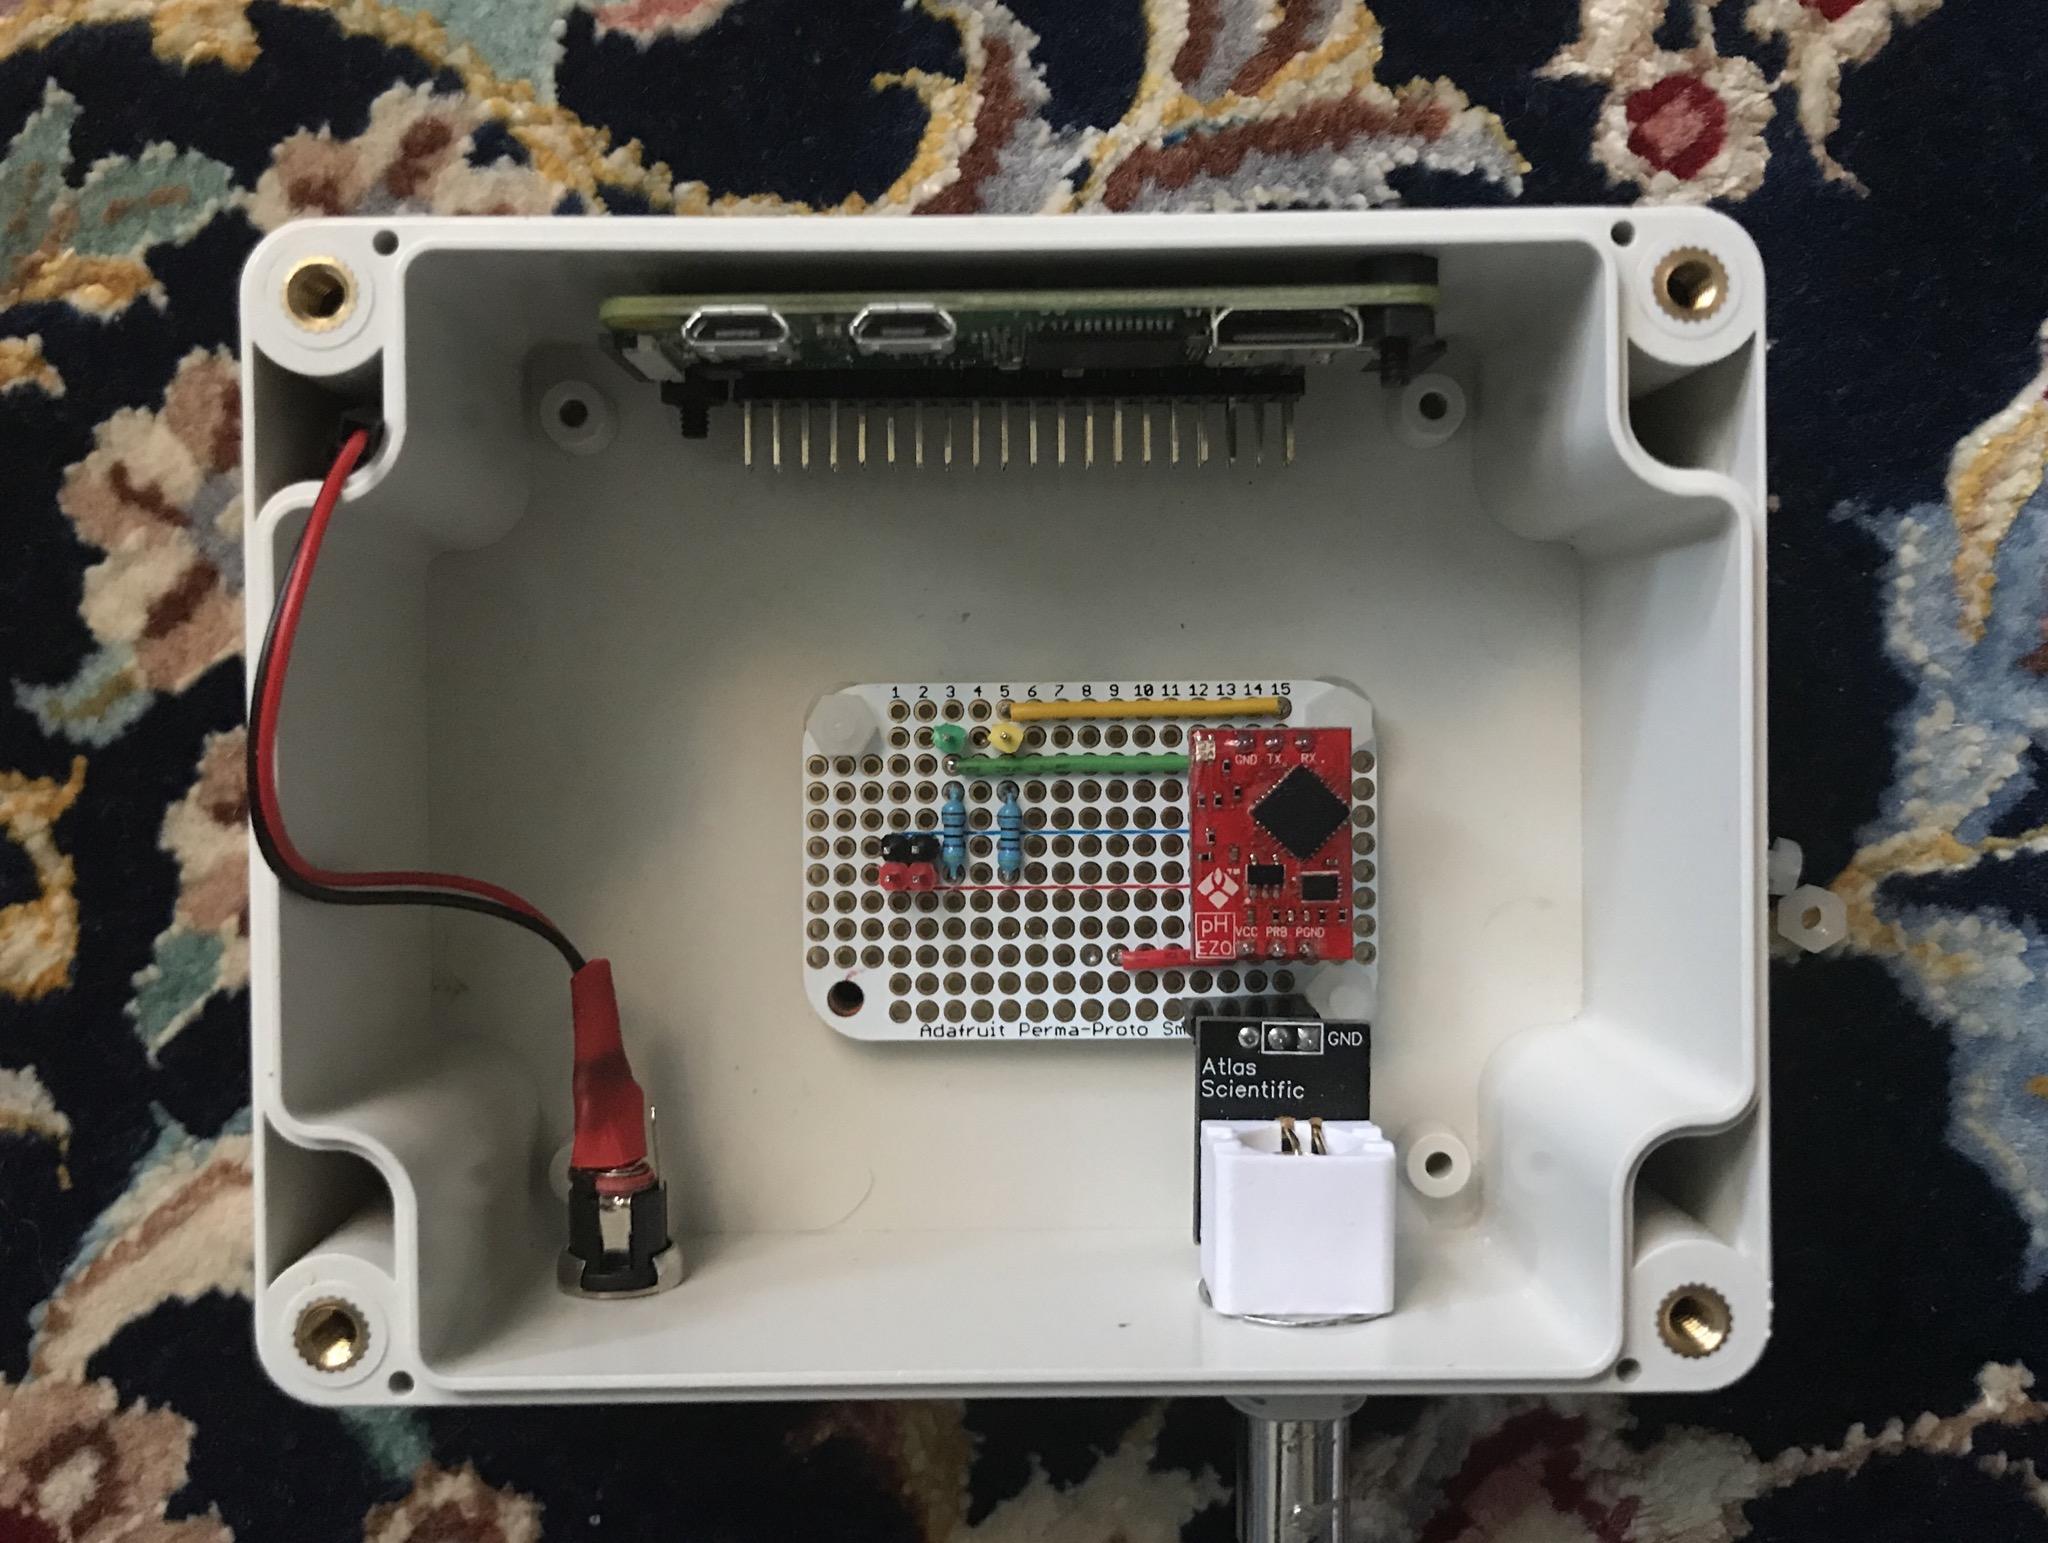 sensors_1F8761DD-5AF5-492D-B1DC-3E79101D01C3.jpeg